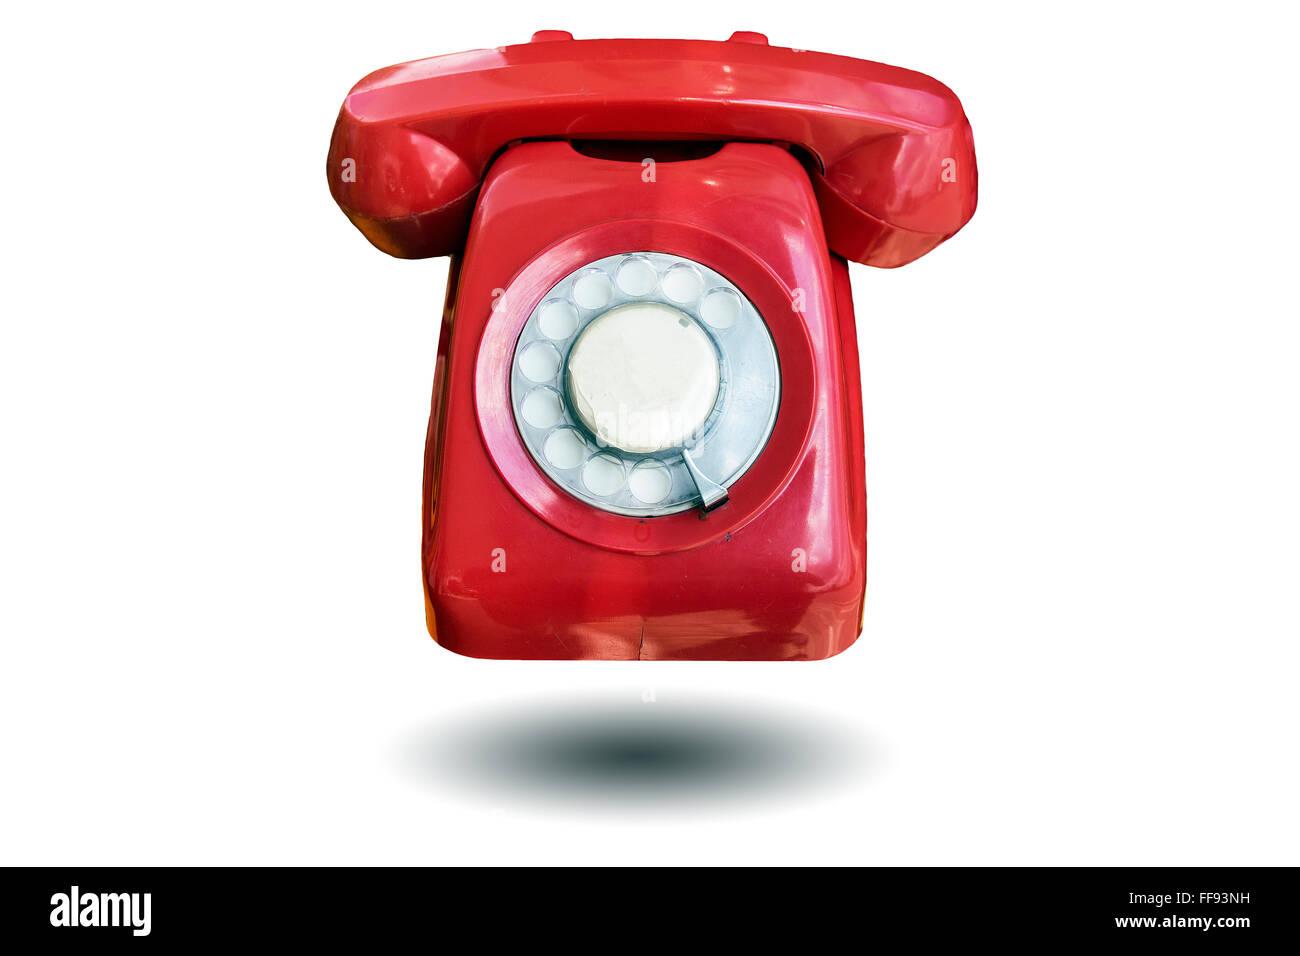 Bella Vintage Colore Rosso Antico Telefono Isolato Su Sfondo Bianco